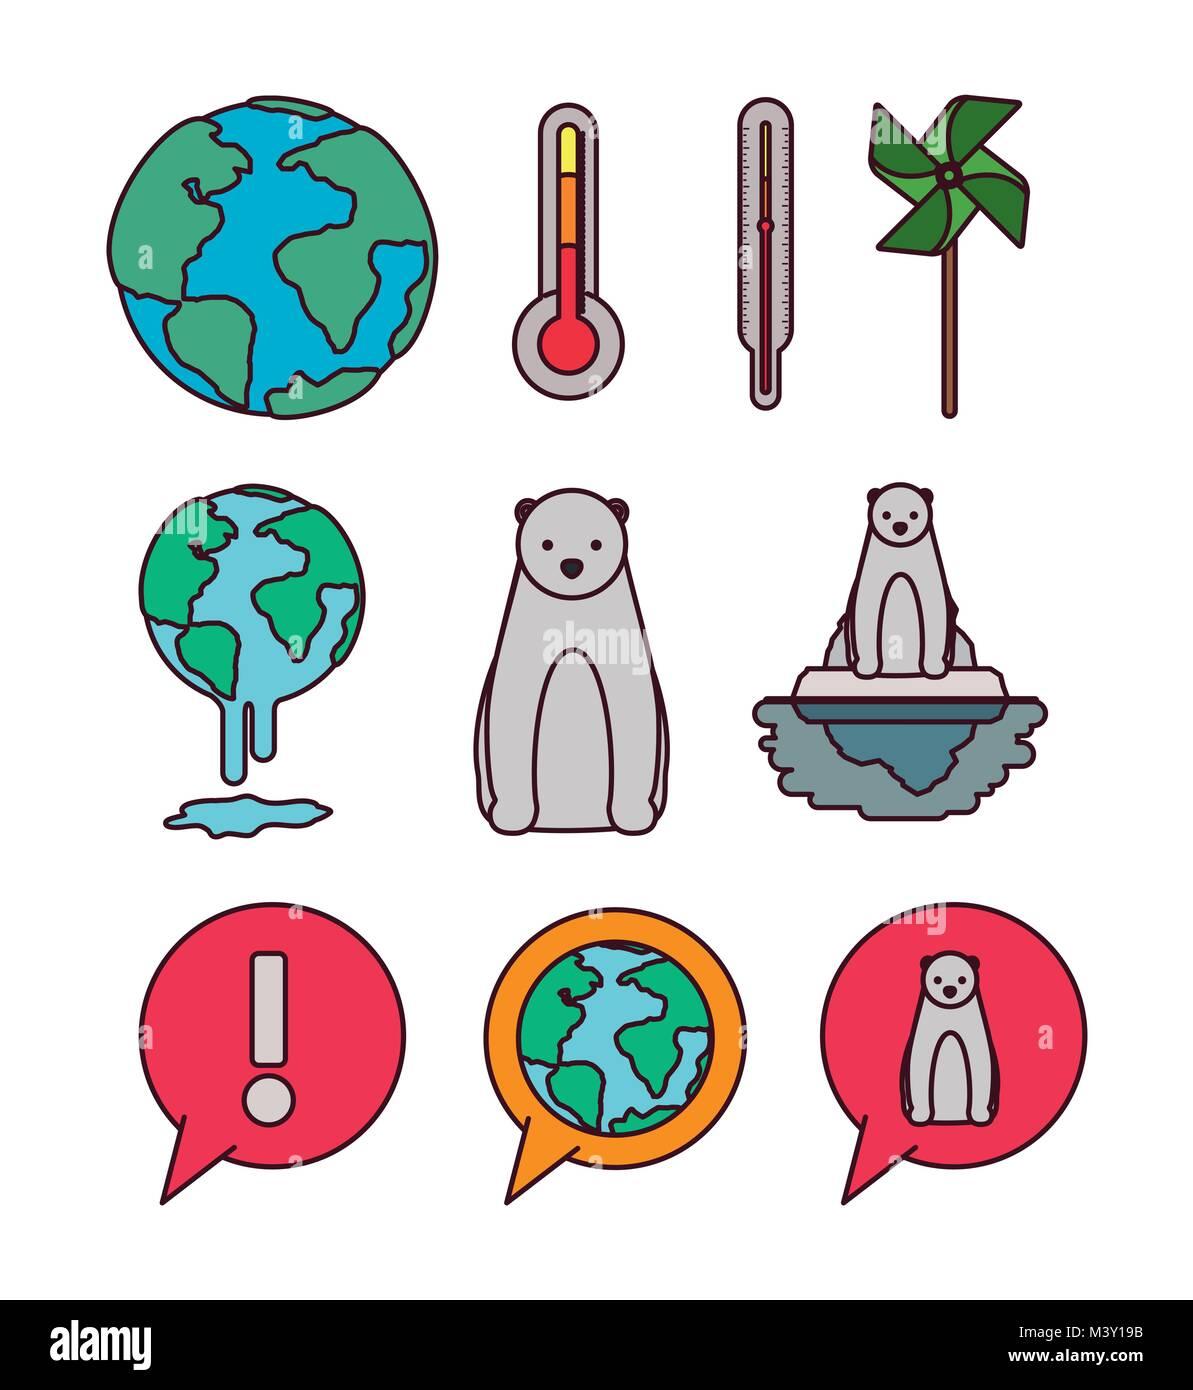 climate change set icons - Stock Image